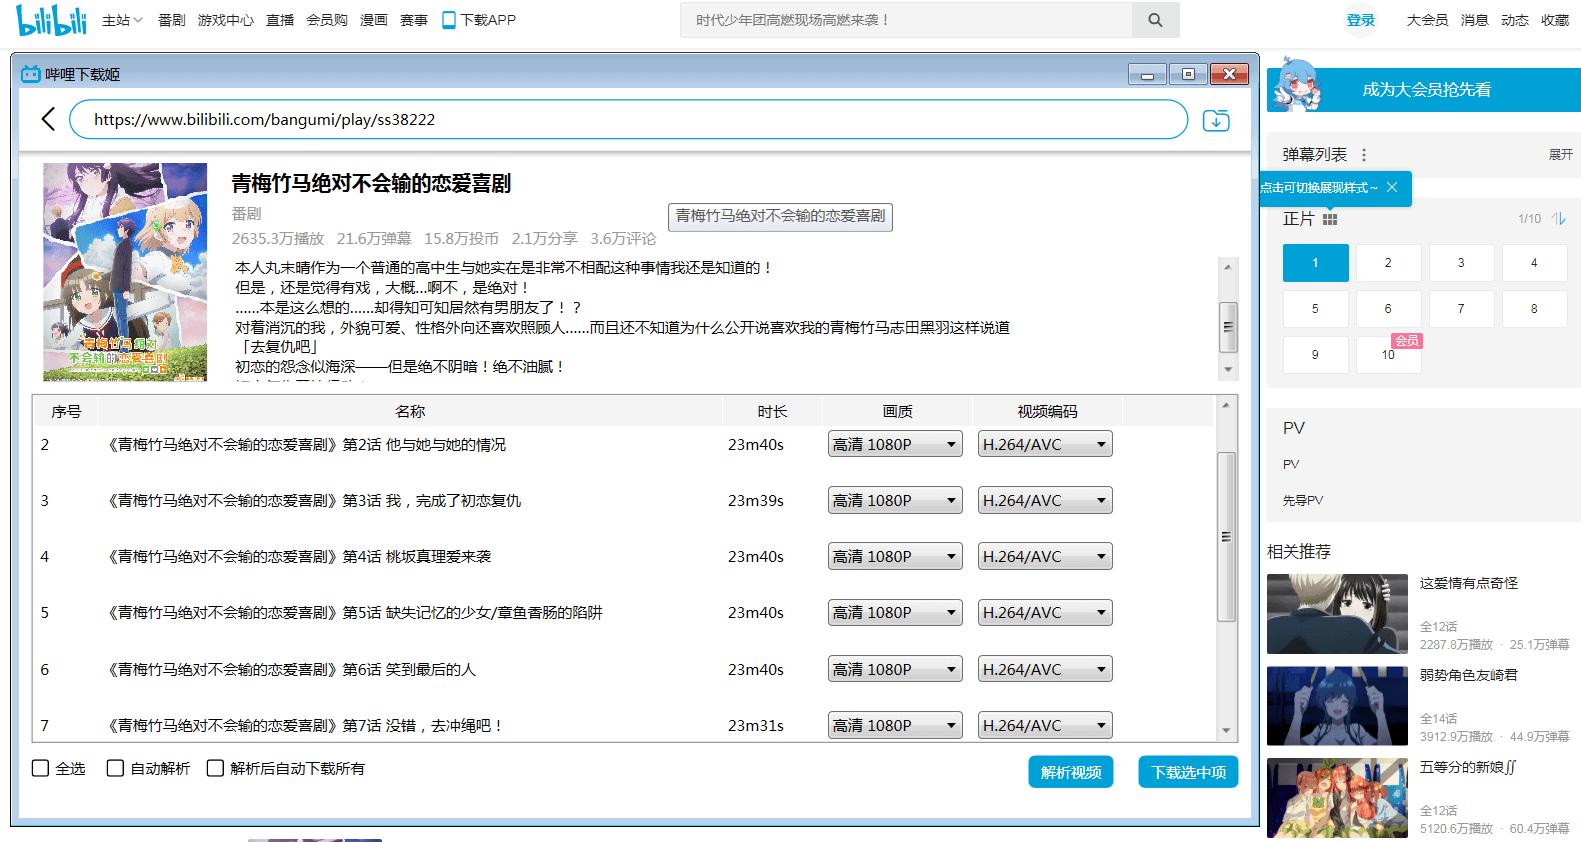 图片[3]-【宅软件】哔哩下载姬downkyi,B站视频下载工具,支持批量下载,支持4K,支持解除地区限制下载,提供工具箱(音视频提取、去水印等)。-Anime漫趣社